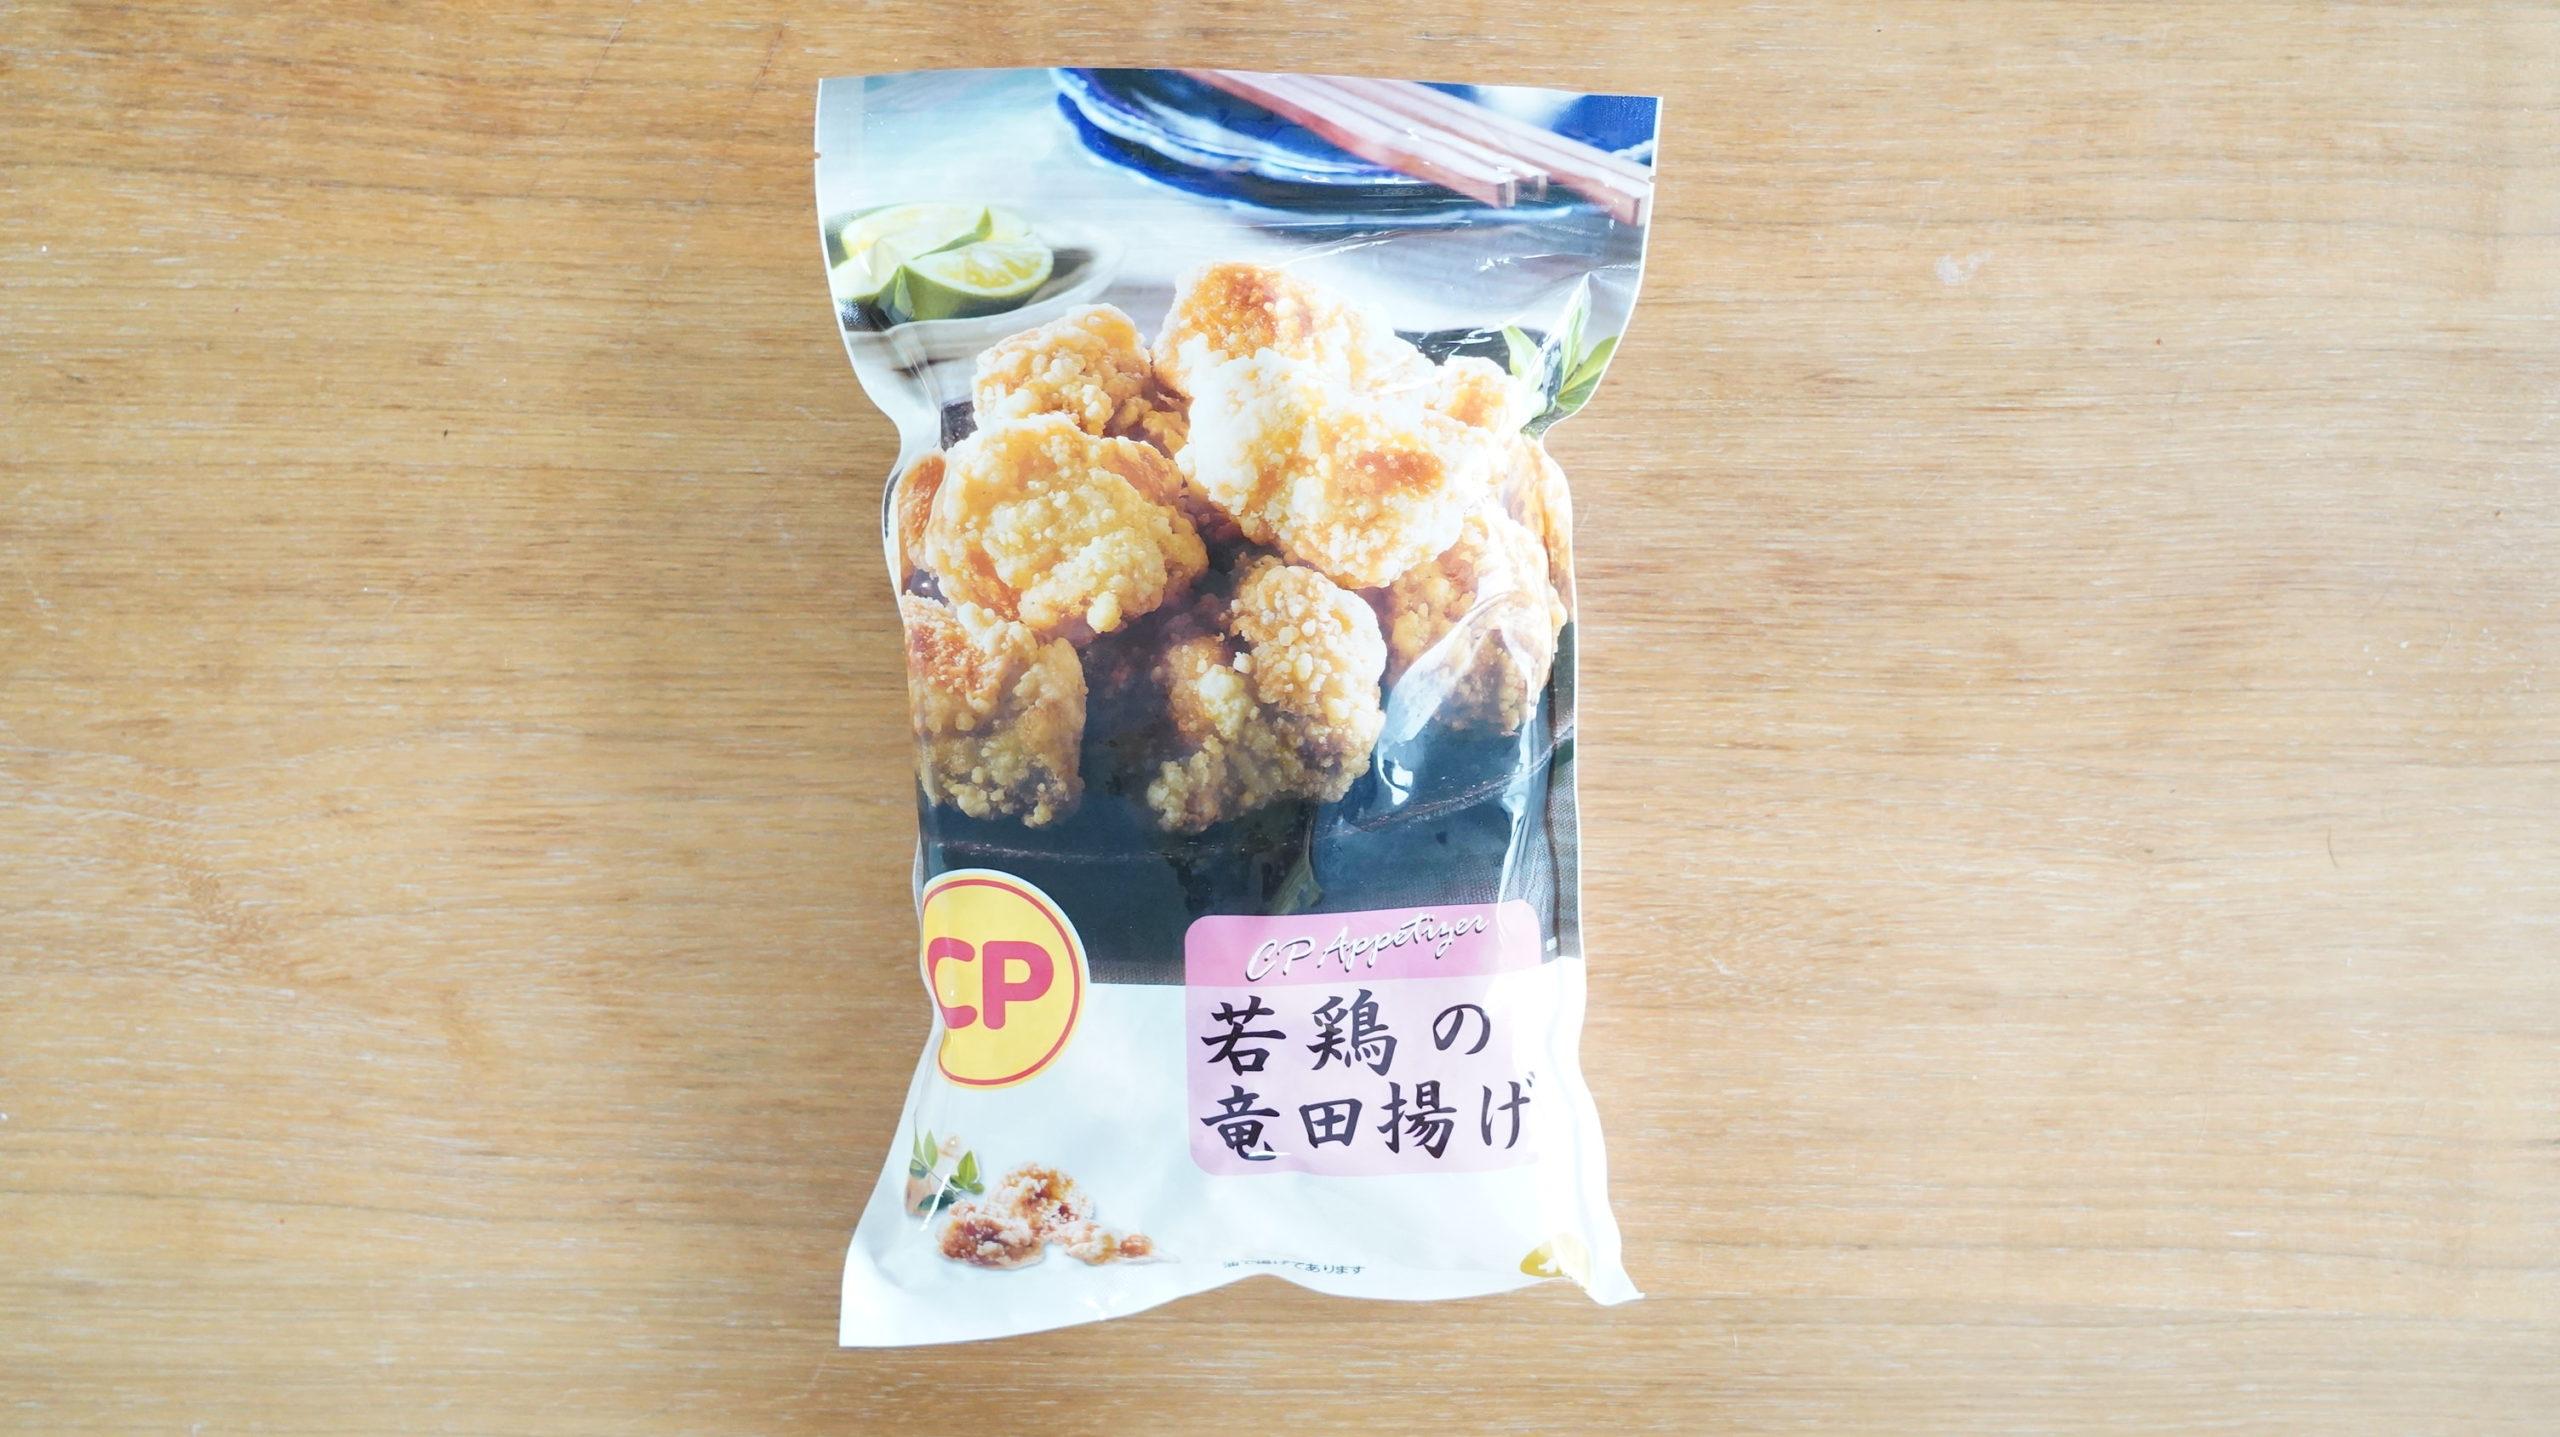 コストコの冷凍食品「CP 若鶏の竜田揚げ」のパッケージ写真